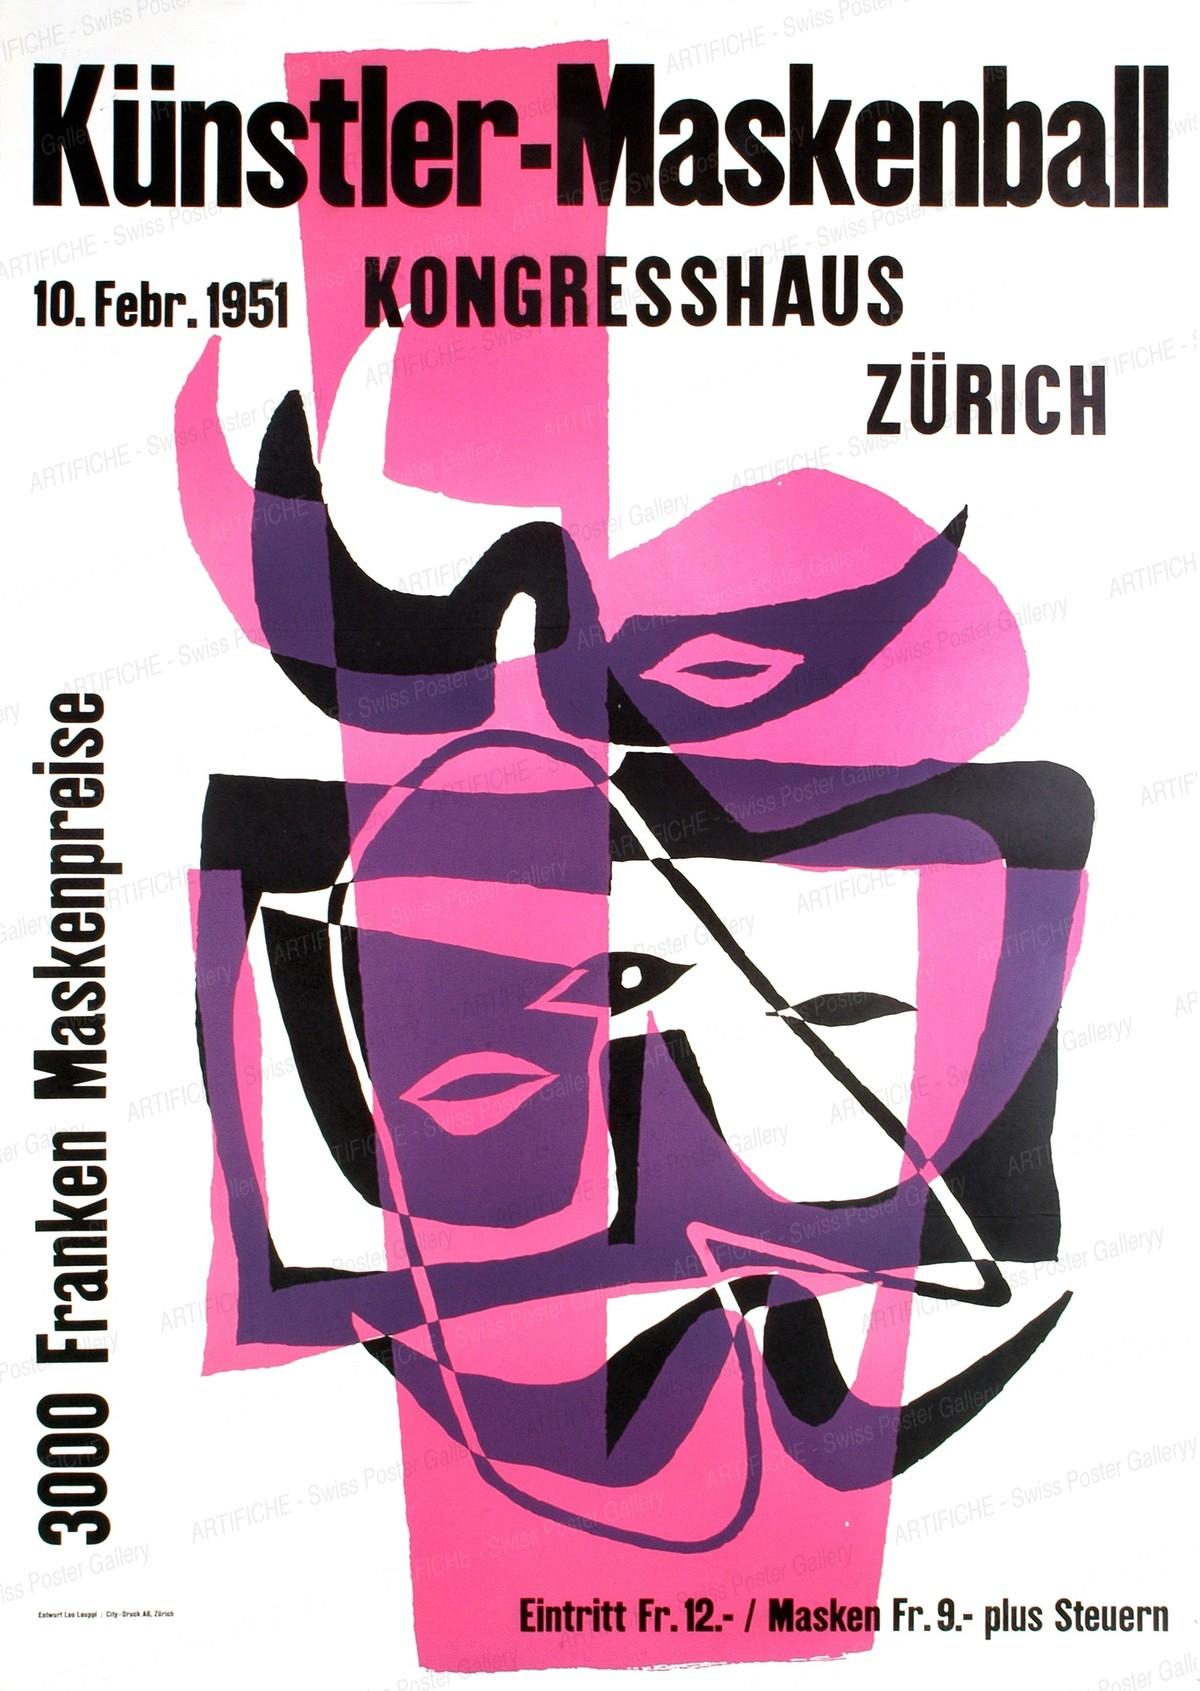 Künstler-Maskenball 1951 Kongresshaus Zürich – Fr. 3000 Maskenpreise, Leo Leuppi